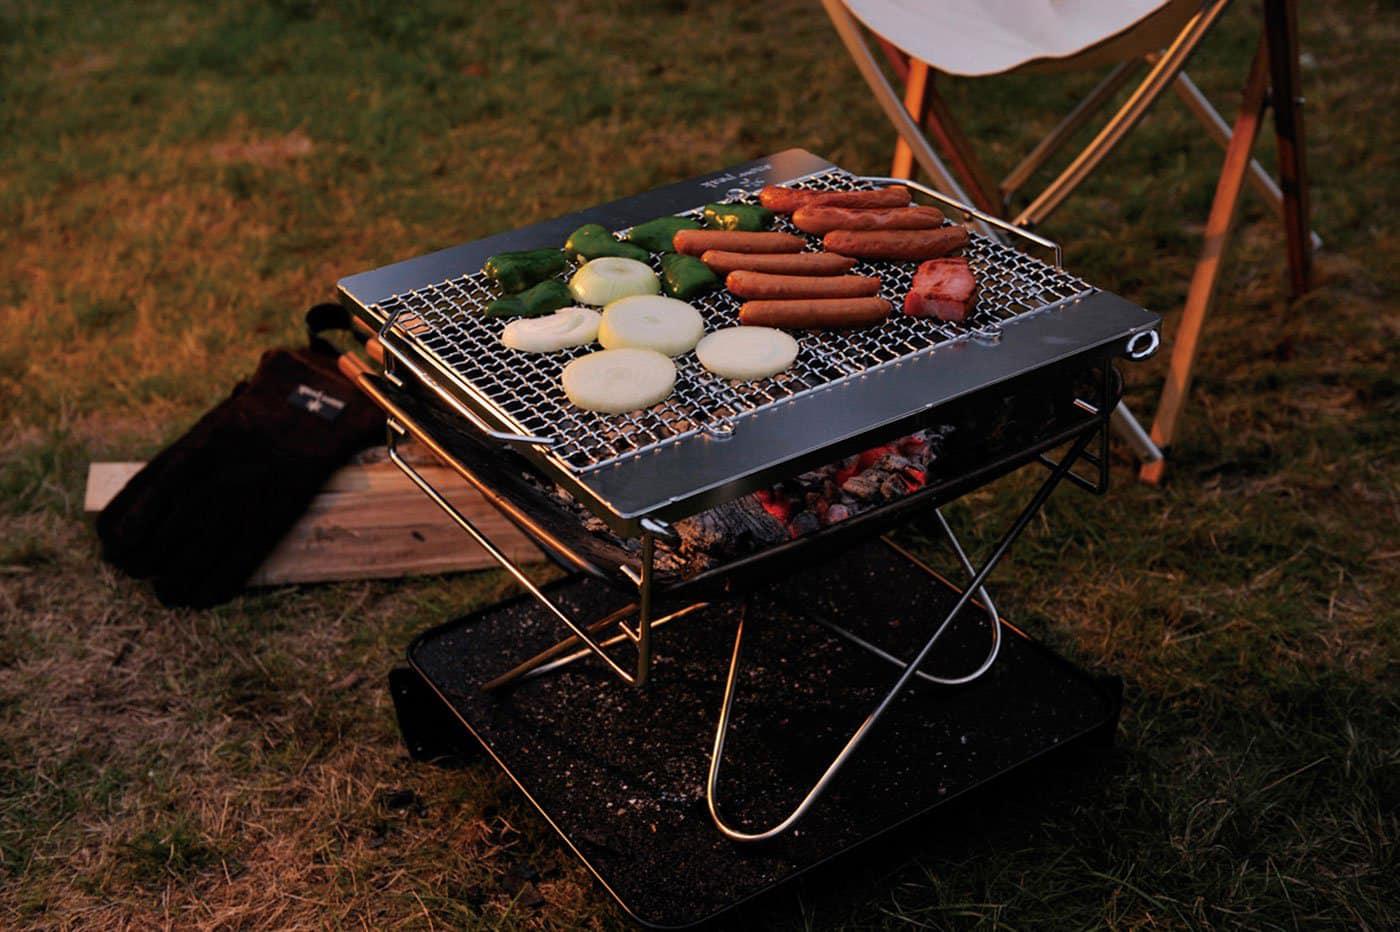 Loại bếp nướng đạt chuẩn dành riêng cho cắm trại dã ngoại